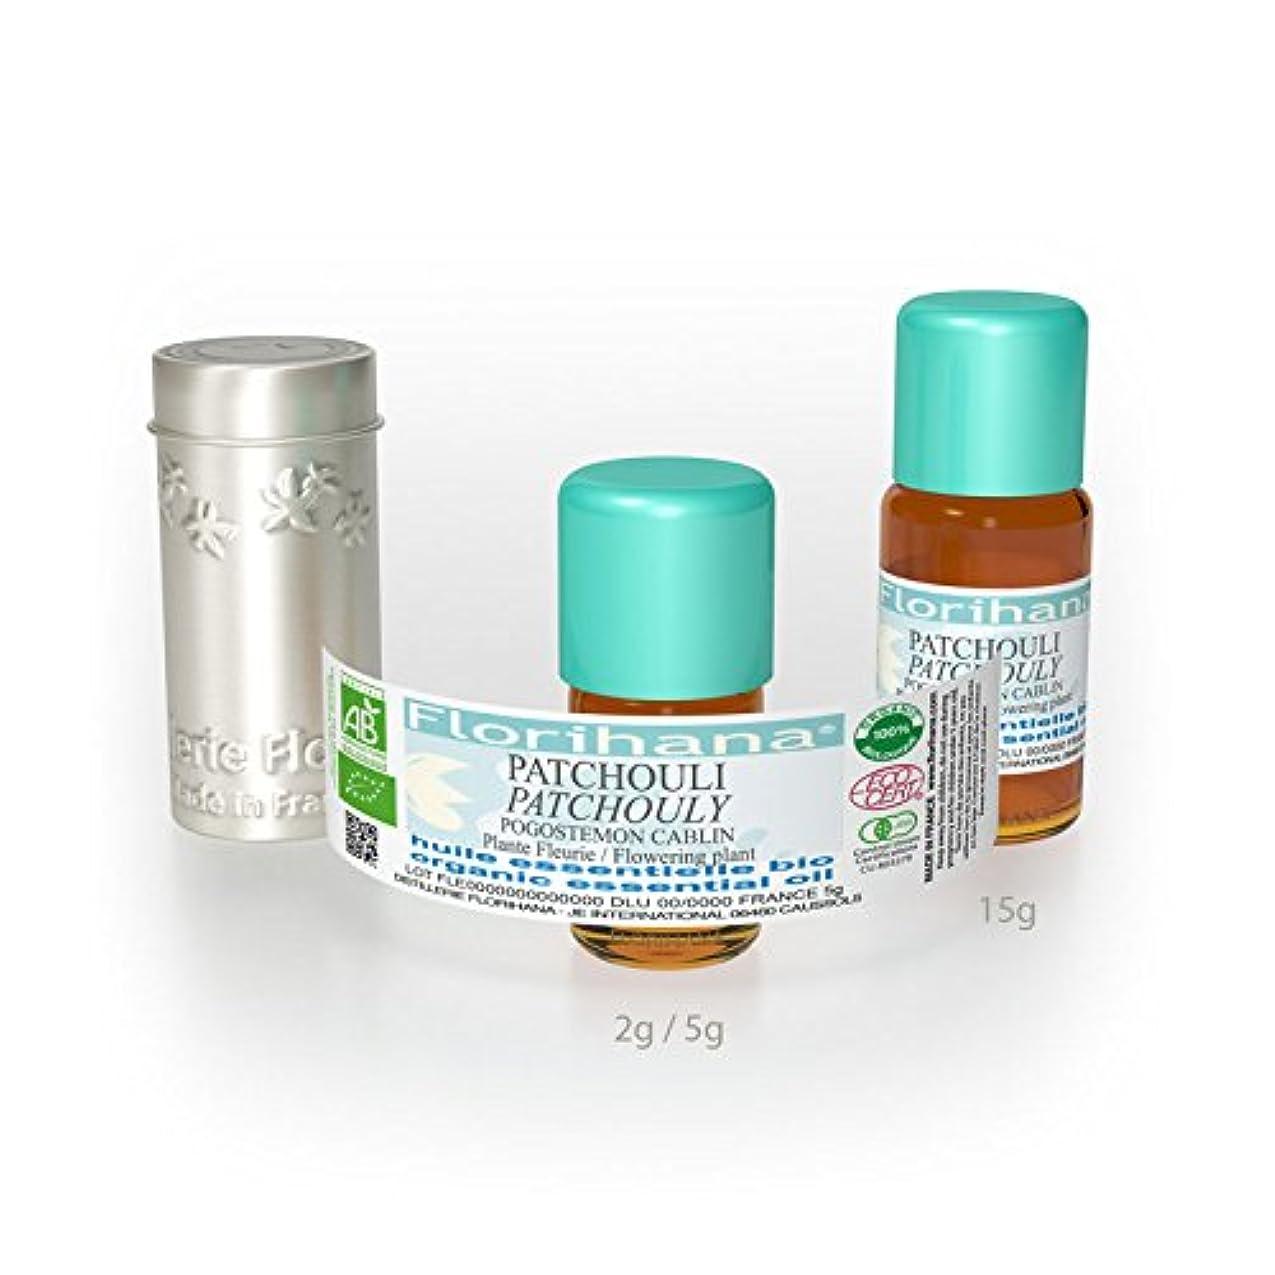 取り出す可能性有益Florihana オーガニックエッセンシャルオイル パチョリ 5g(5.2ml)